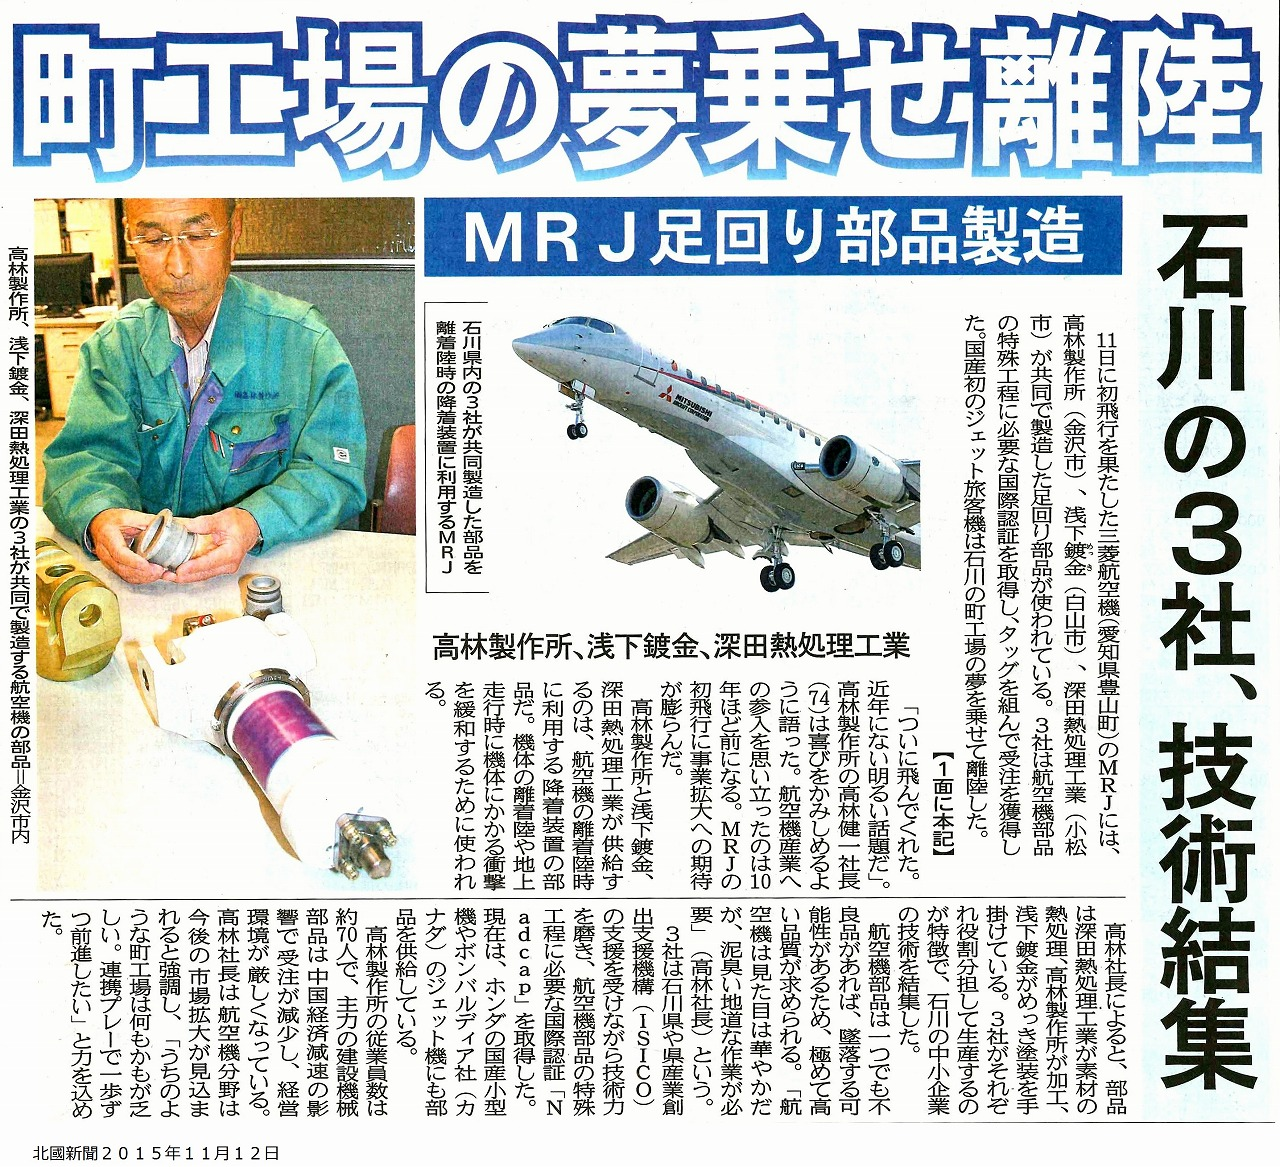 航空機部品記事20151112